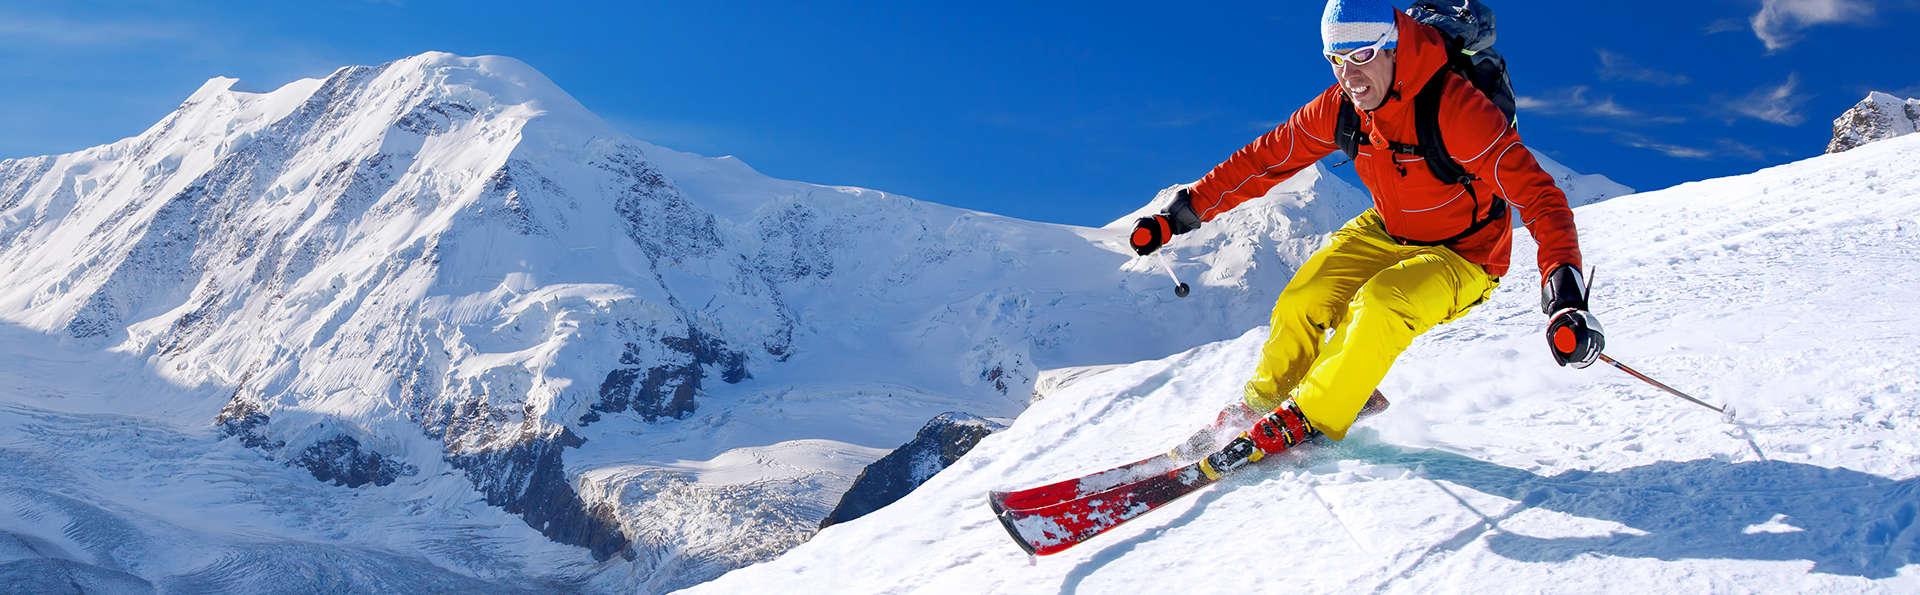 Détente et ski près de la Station des Orres (forfait 1 jour inclus)